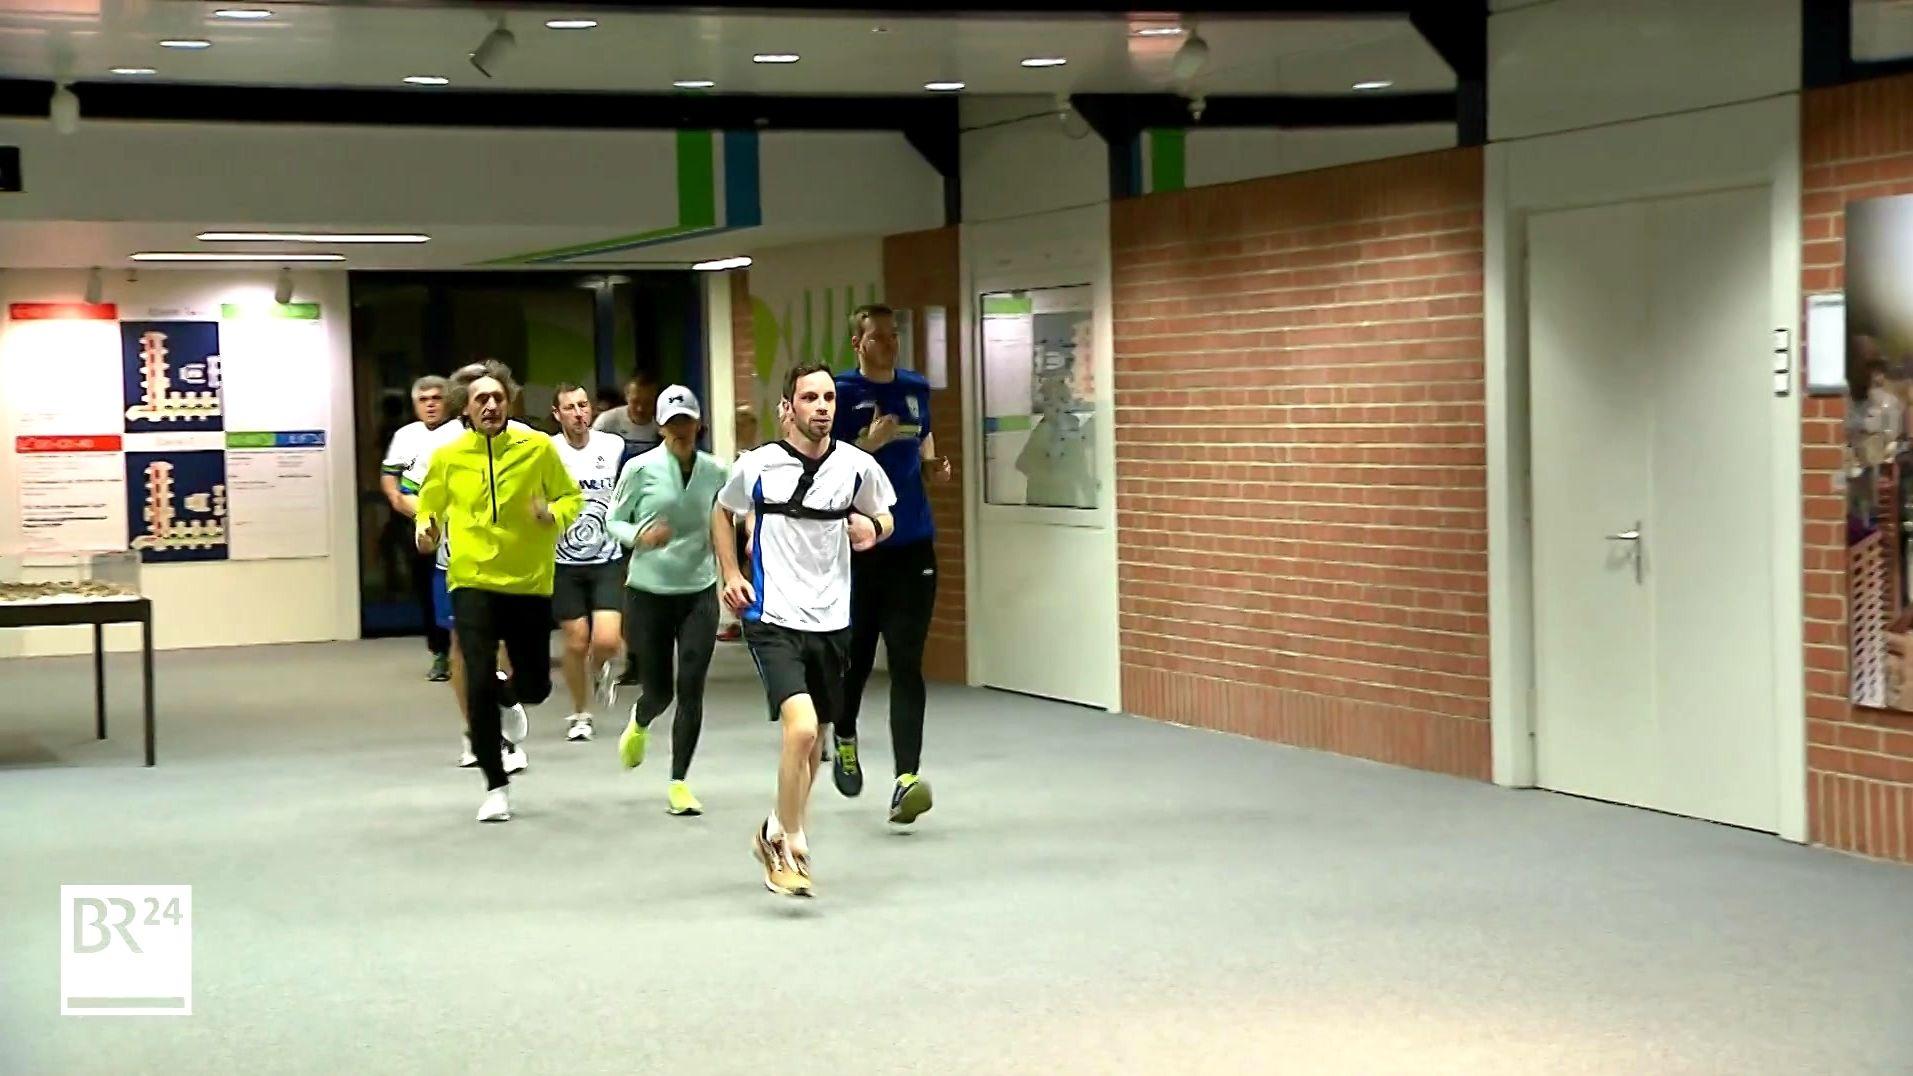 Laufgruppe im Foyer der LGA in Nürnberg